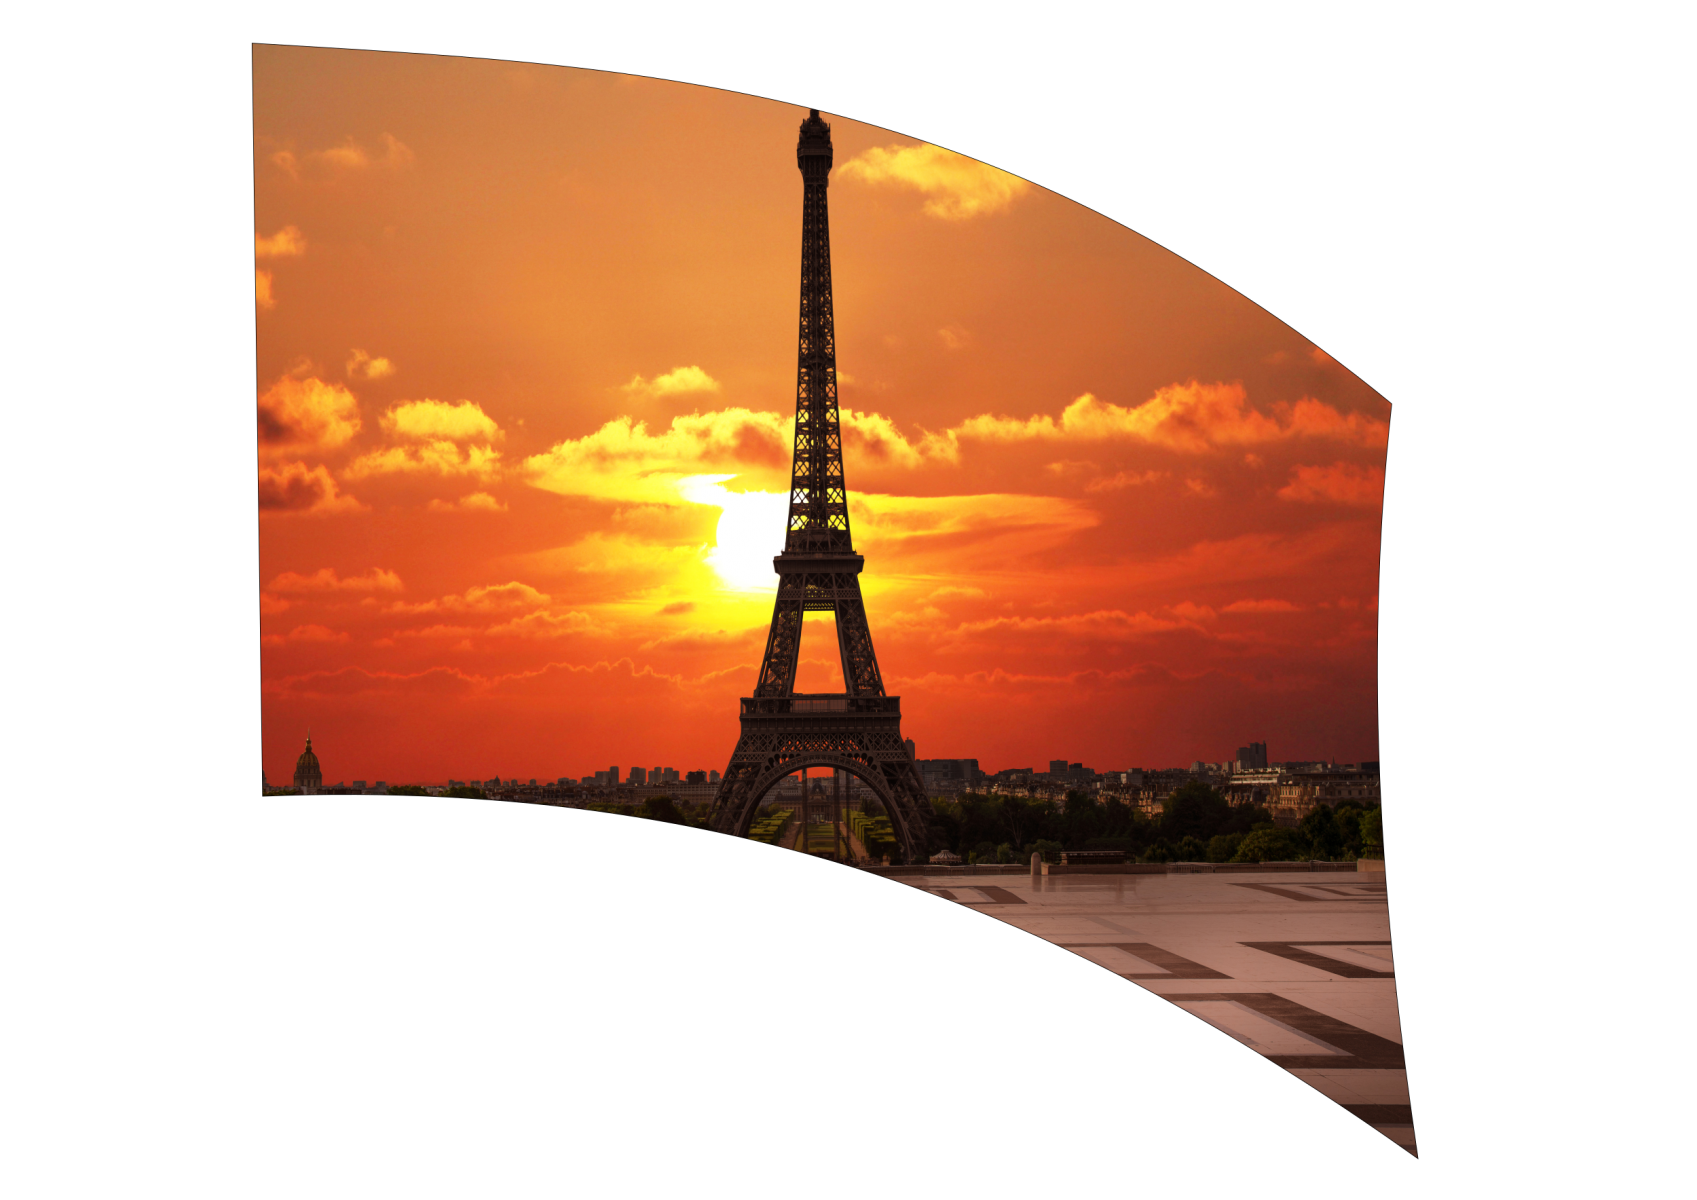 060307s - 36x54 Standard Eiffel Tower 2